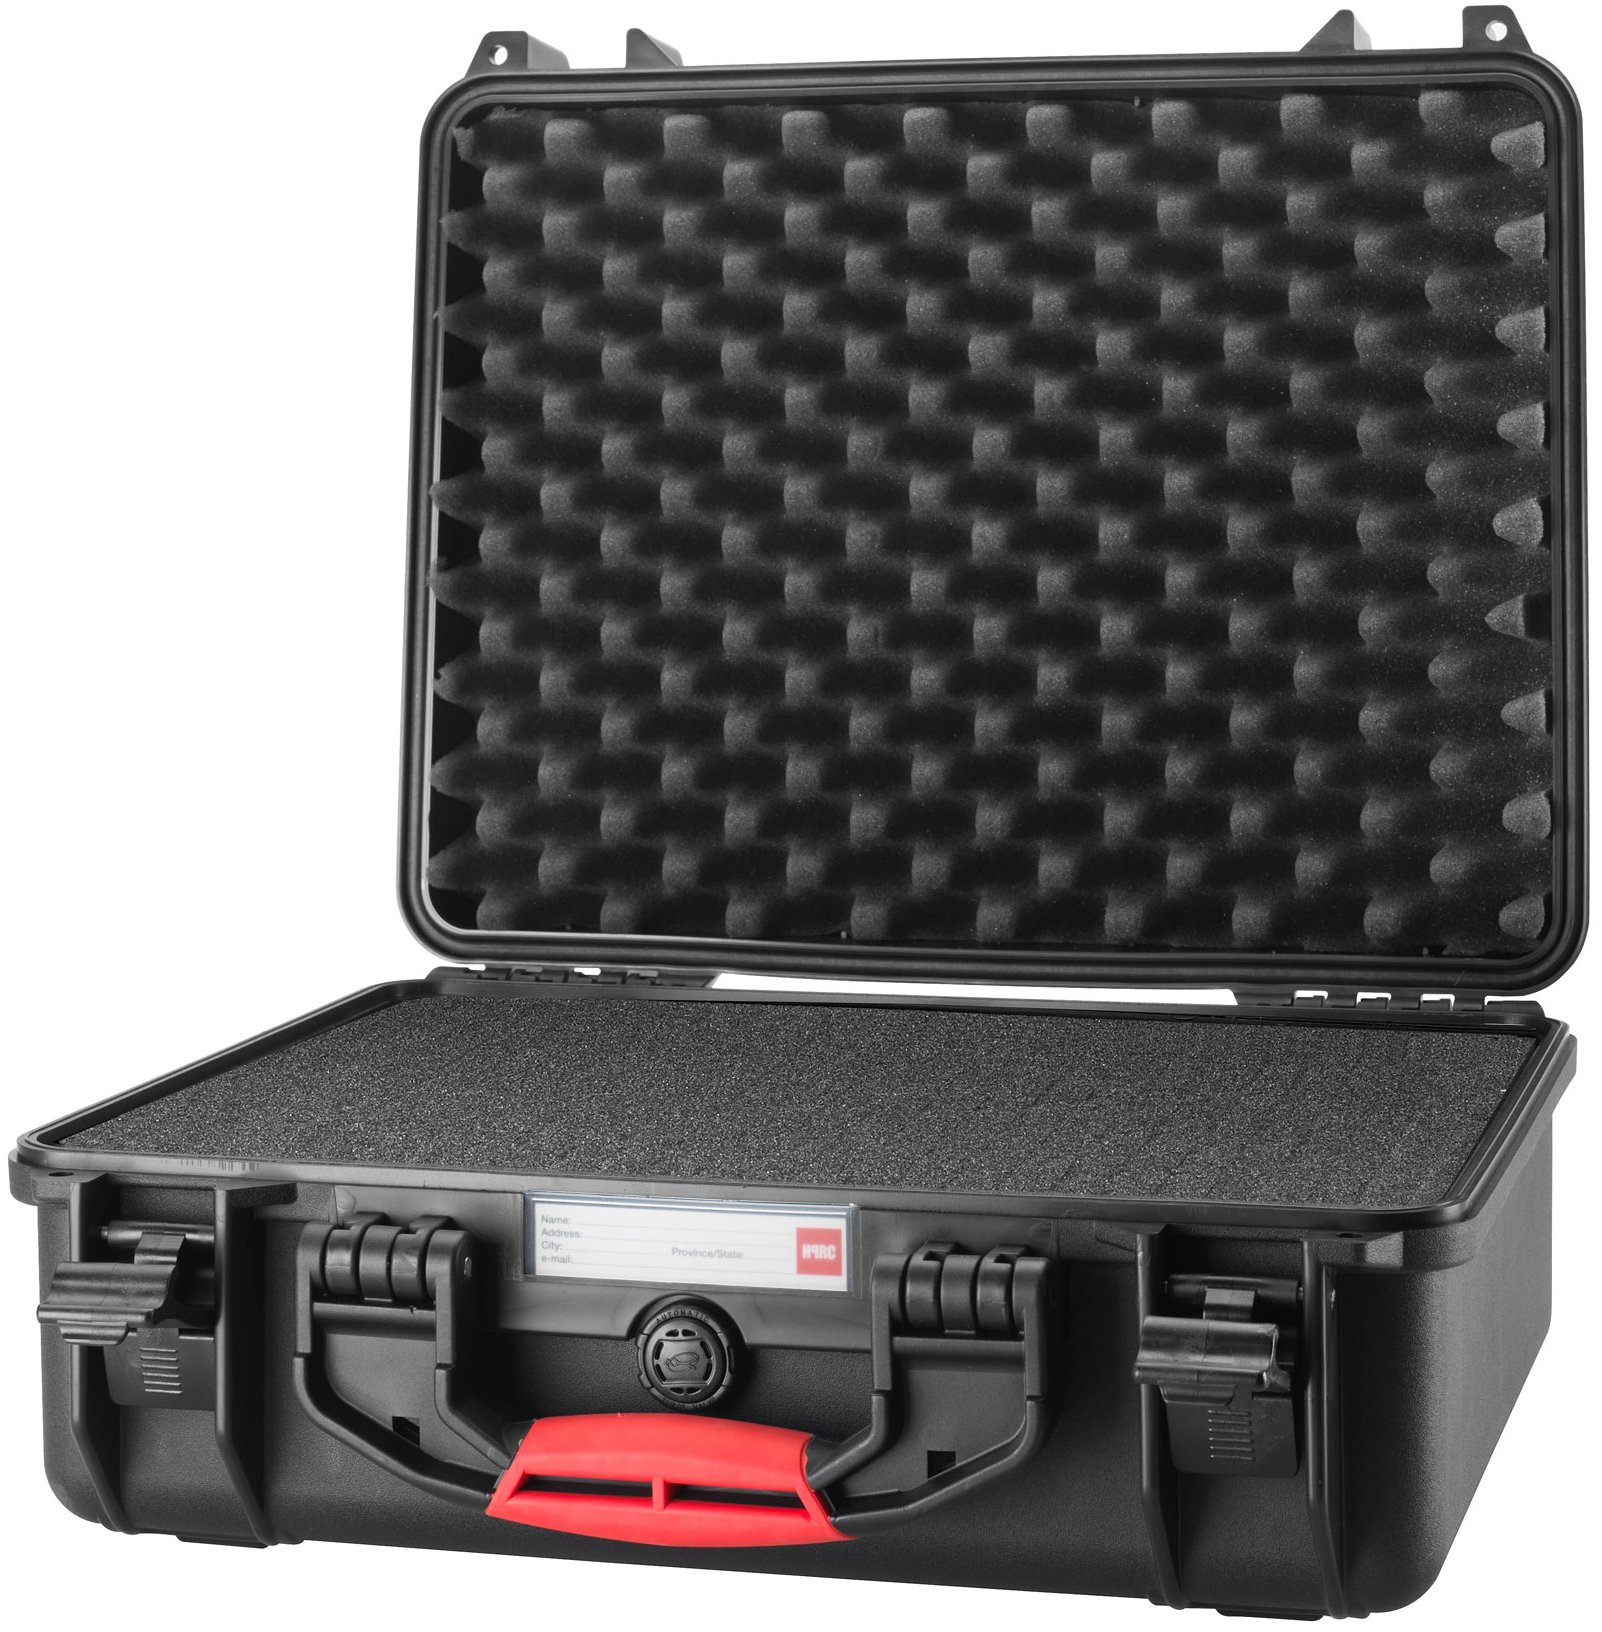 HPRC 2460 Case